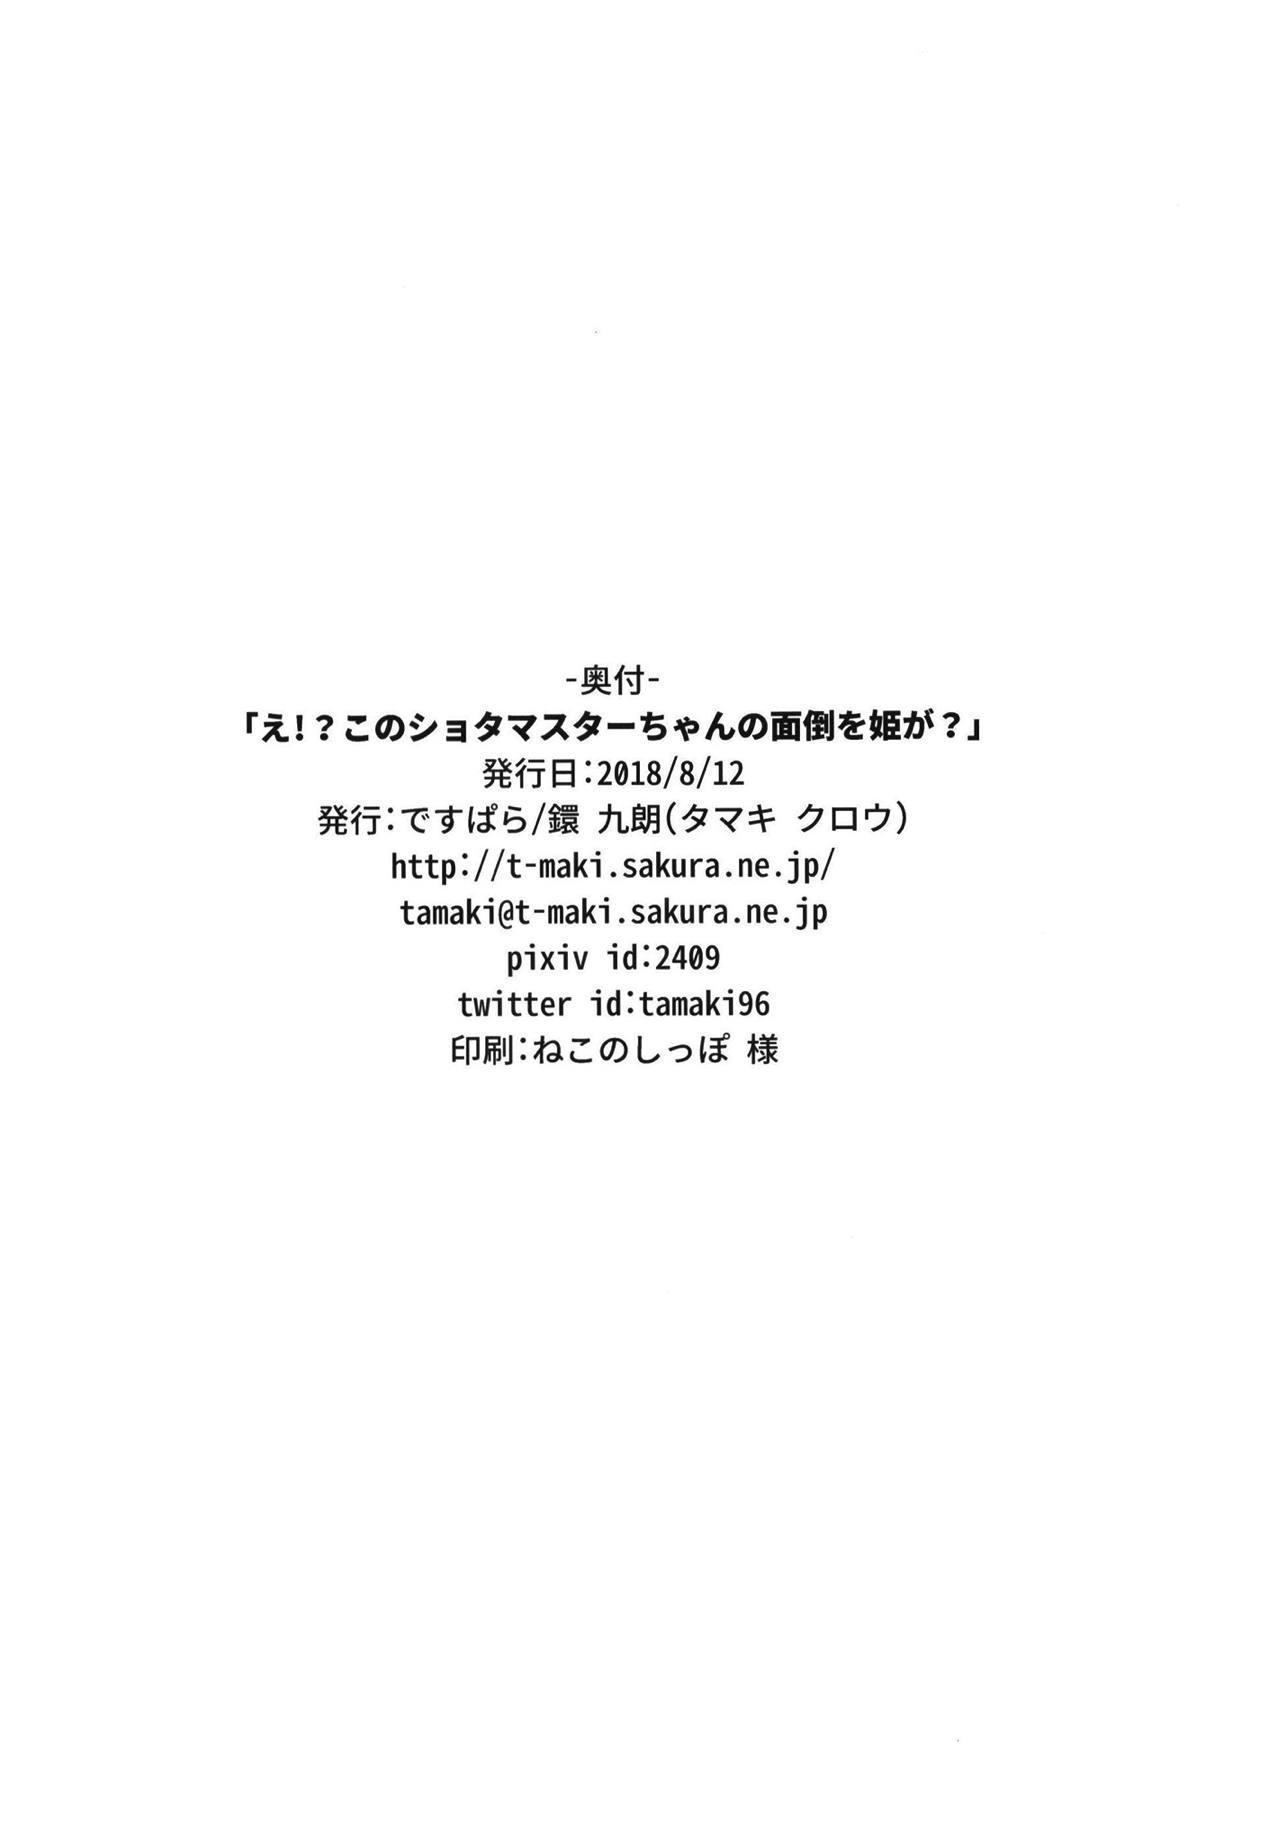 E!? Kono Shota Master-chan no Mendou o Watashi ga? 20